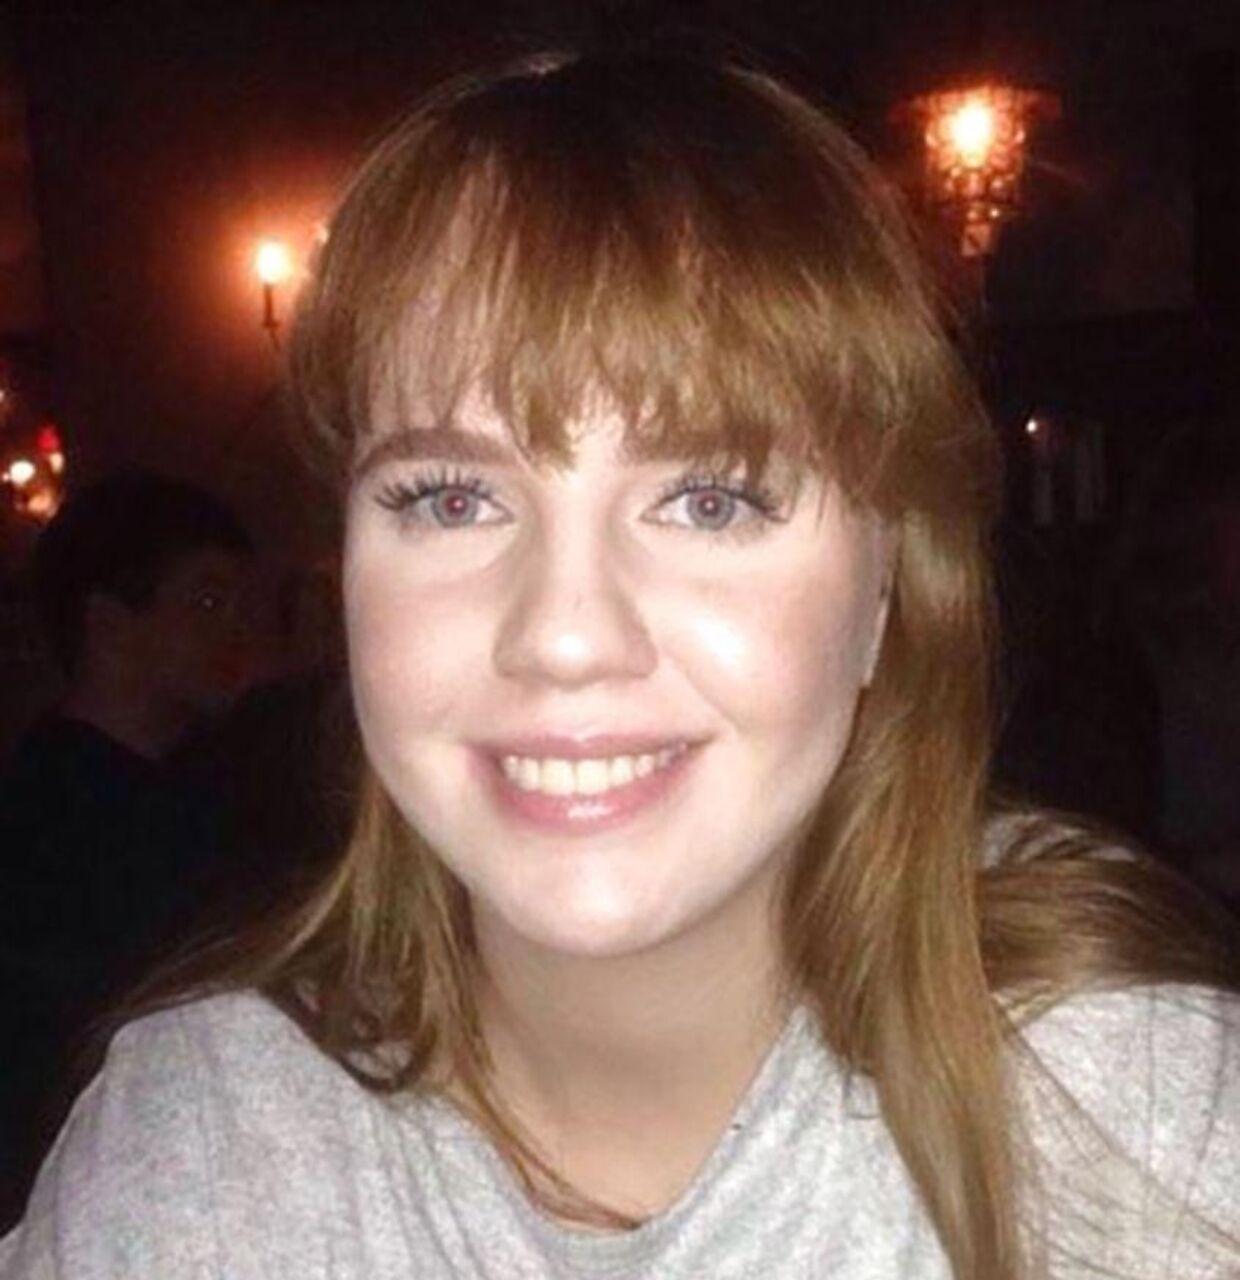 20-årige Birna Brjánsdóttir forsvandt efter en bytur i Reykjavik natten mellem 13. og 14. januar 2017. Der var flere ligheder mellem hendes forsvinden og sagen om Emilie Meng. Så mange ligheder, at dansk politi var i kontakt med islandsk politi og en overgang undersøgte, om gerningsmanden i de to sager kunne være den samme. Foto: Metropolitan Police / AFP